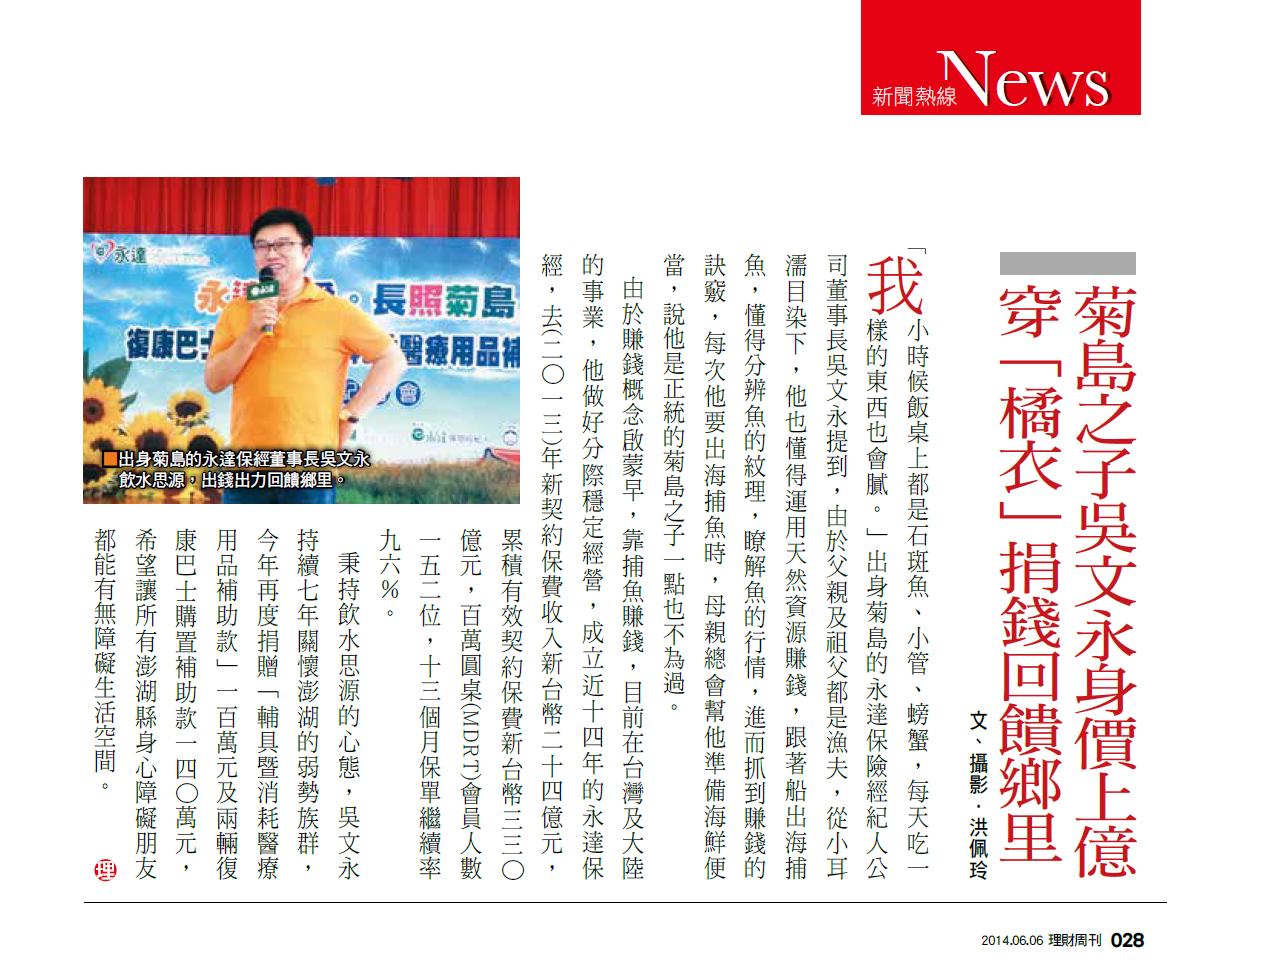 菊島之子吳文永身價上億 穿「橘衣」捐錢回饋鄉里報導圖檔